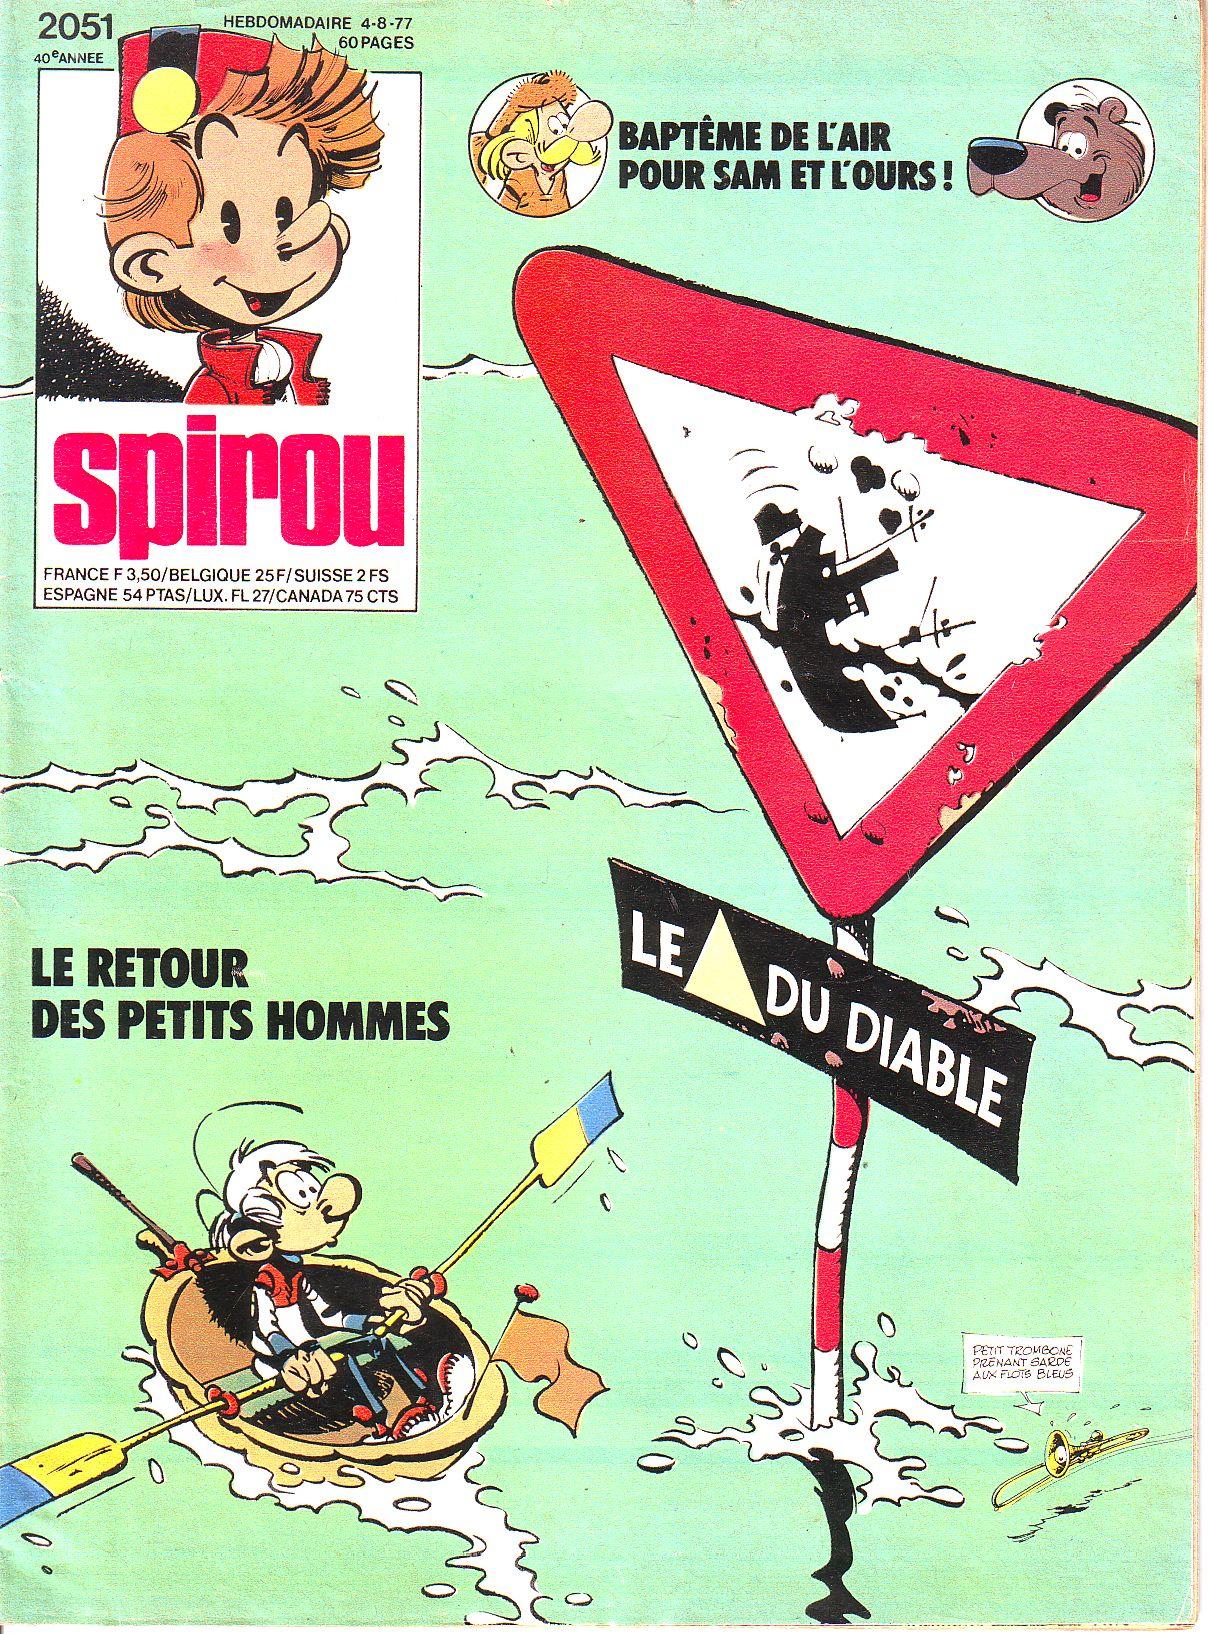 Le journal de Spirou 2051